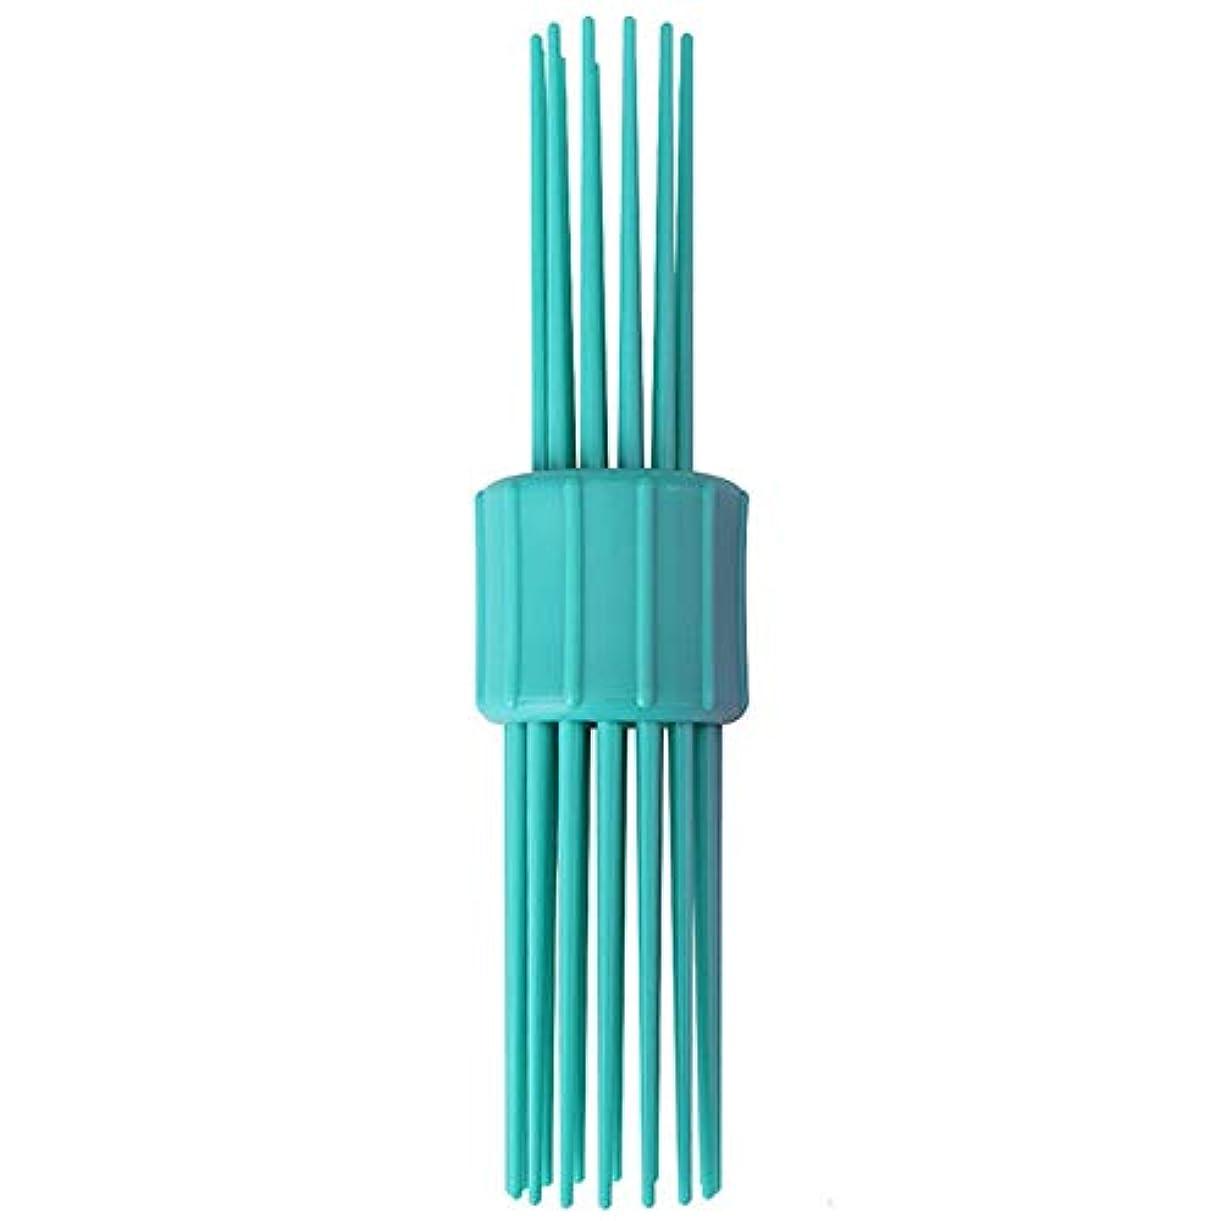 仮説顕微鏡に変わるポータブルリールヘアスタイリングヘアスタイリング波マジックペン多彩な毛の櫛毛の1つのDIYアクセサリーメーカー長く、中、短い髪(青)ツール